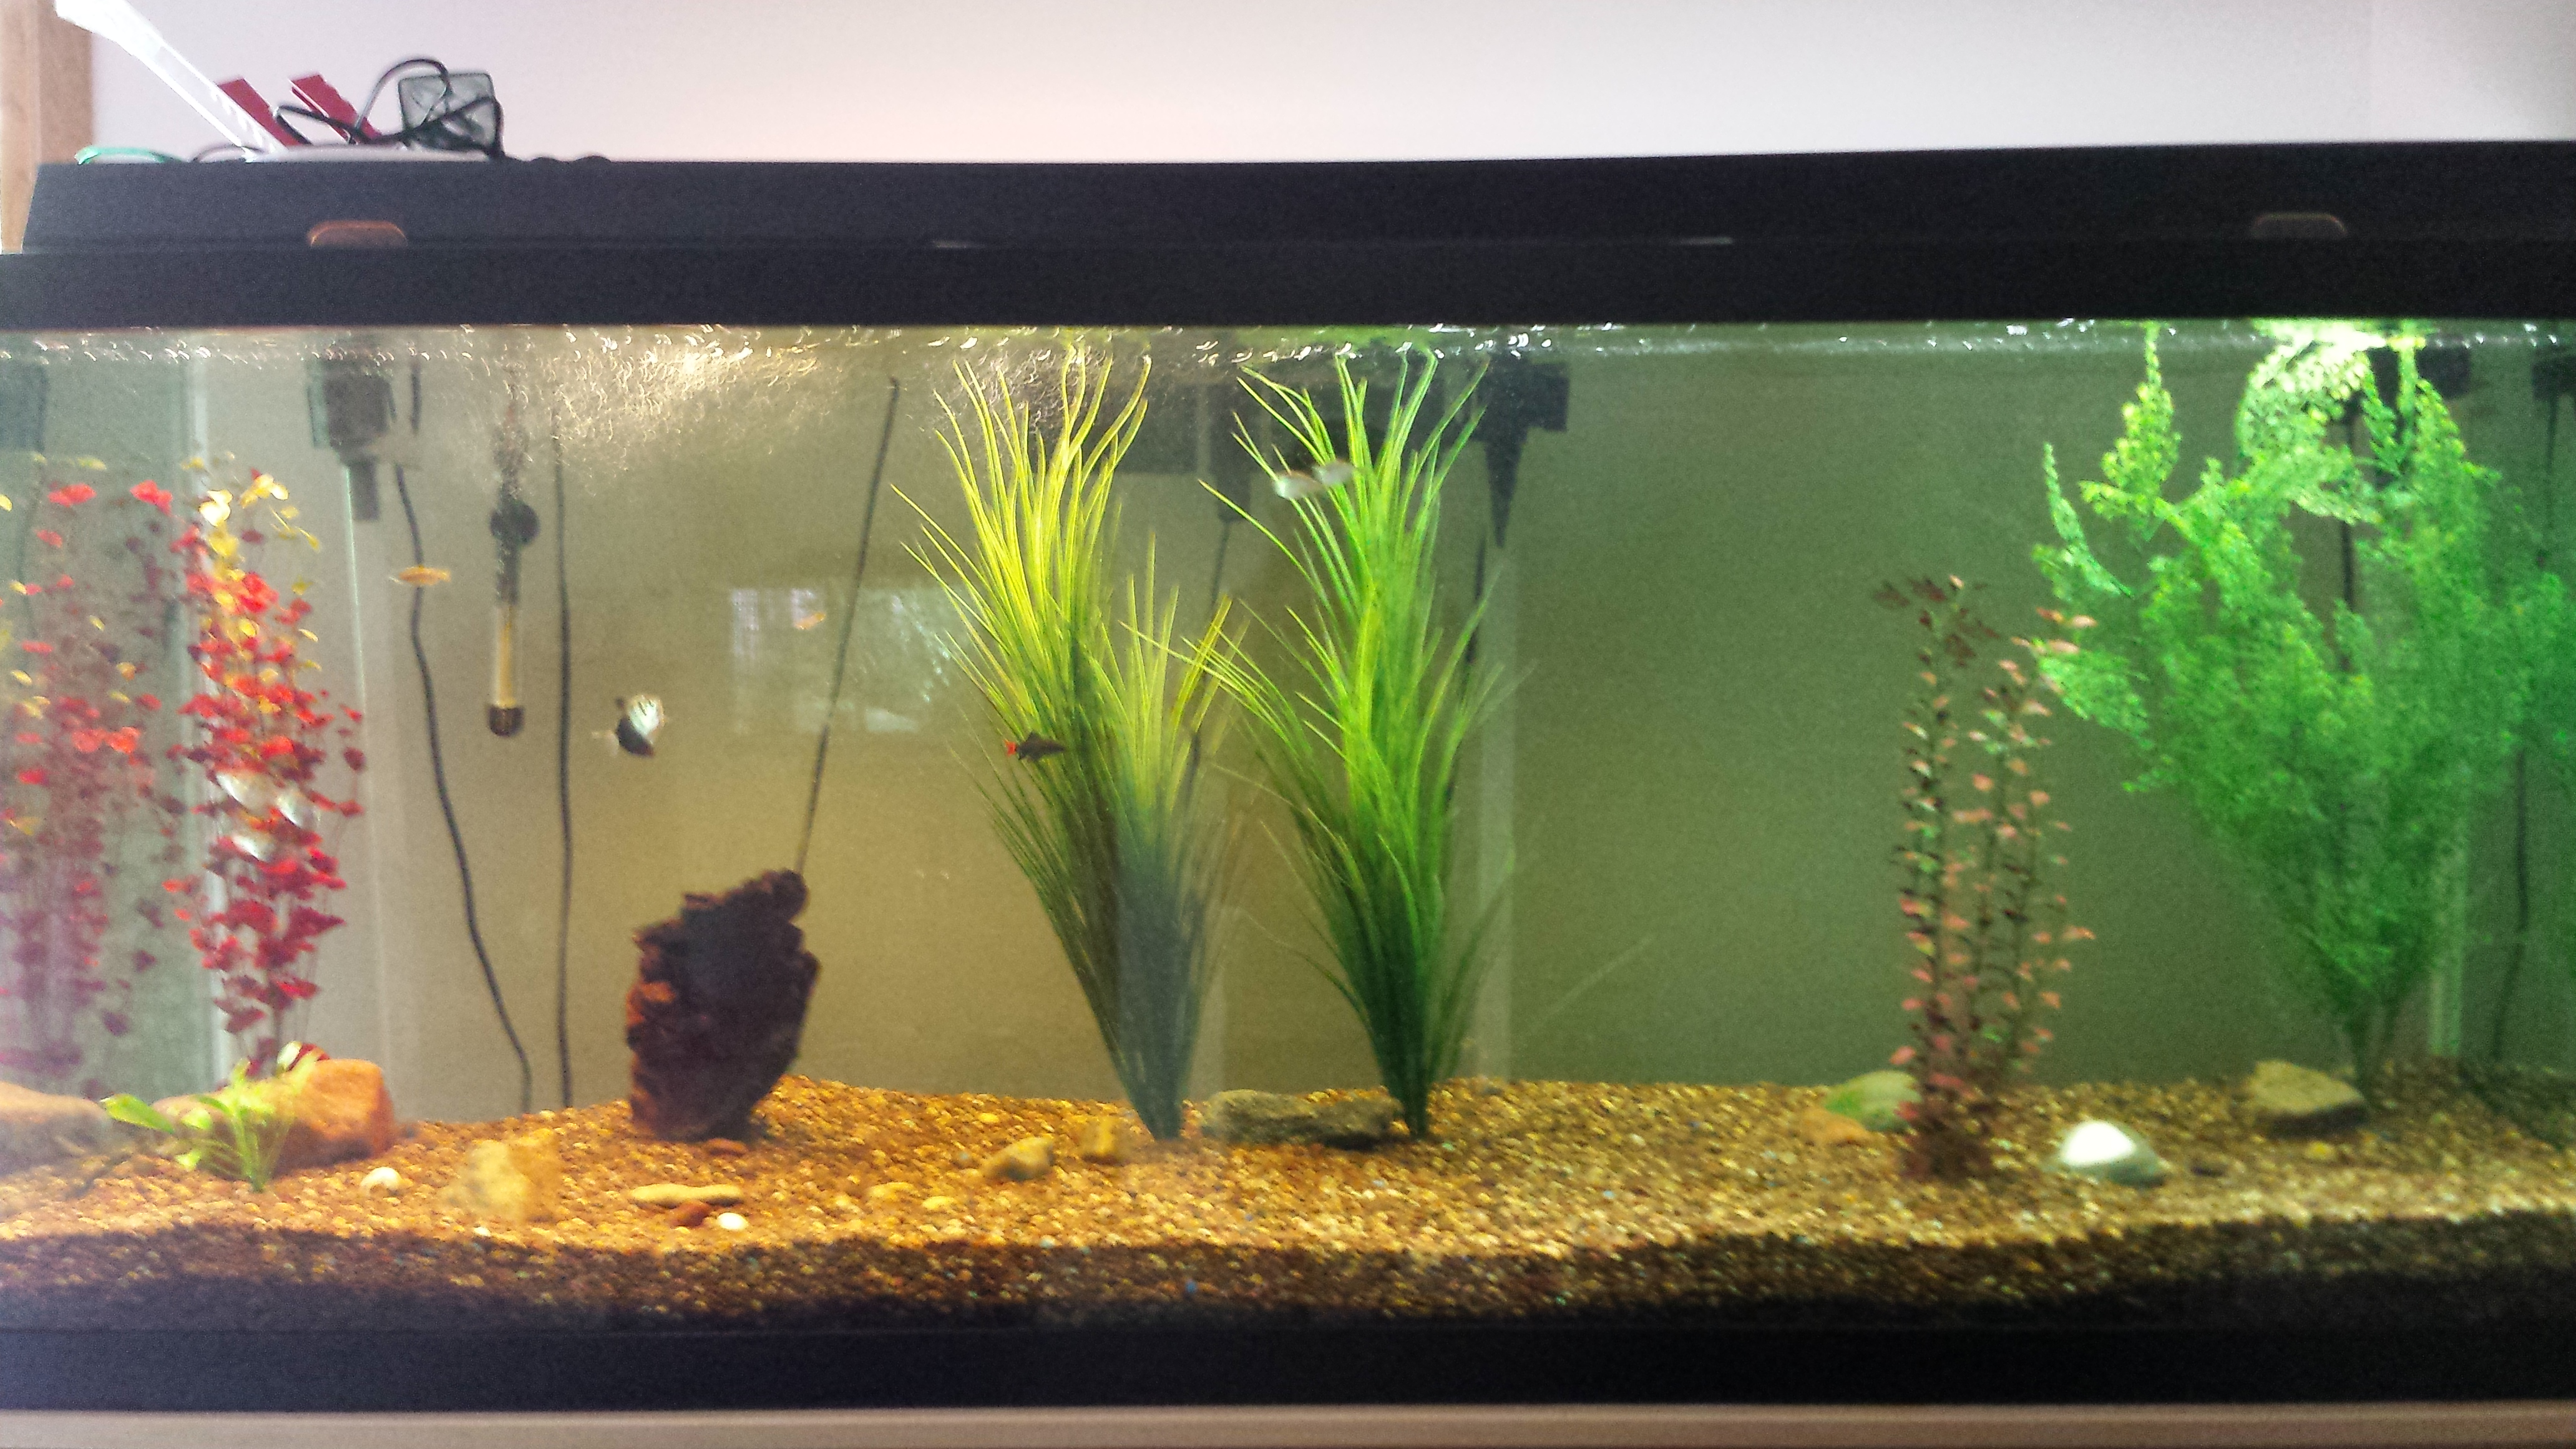 DIY: How to set up a fish tank